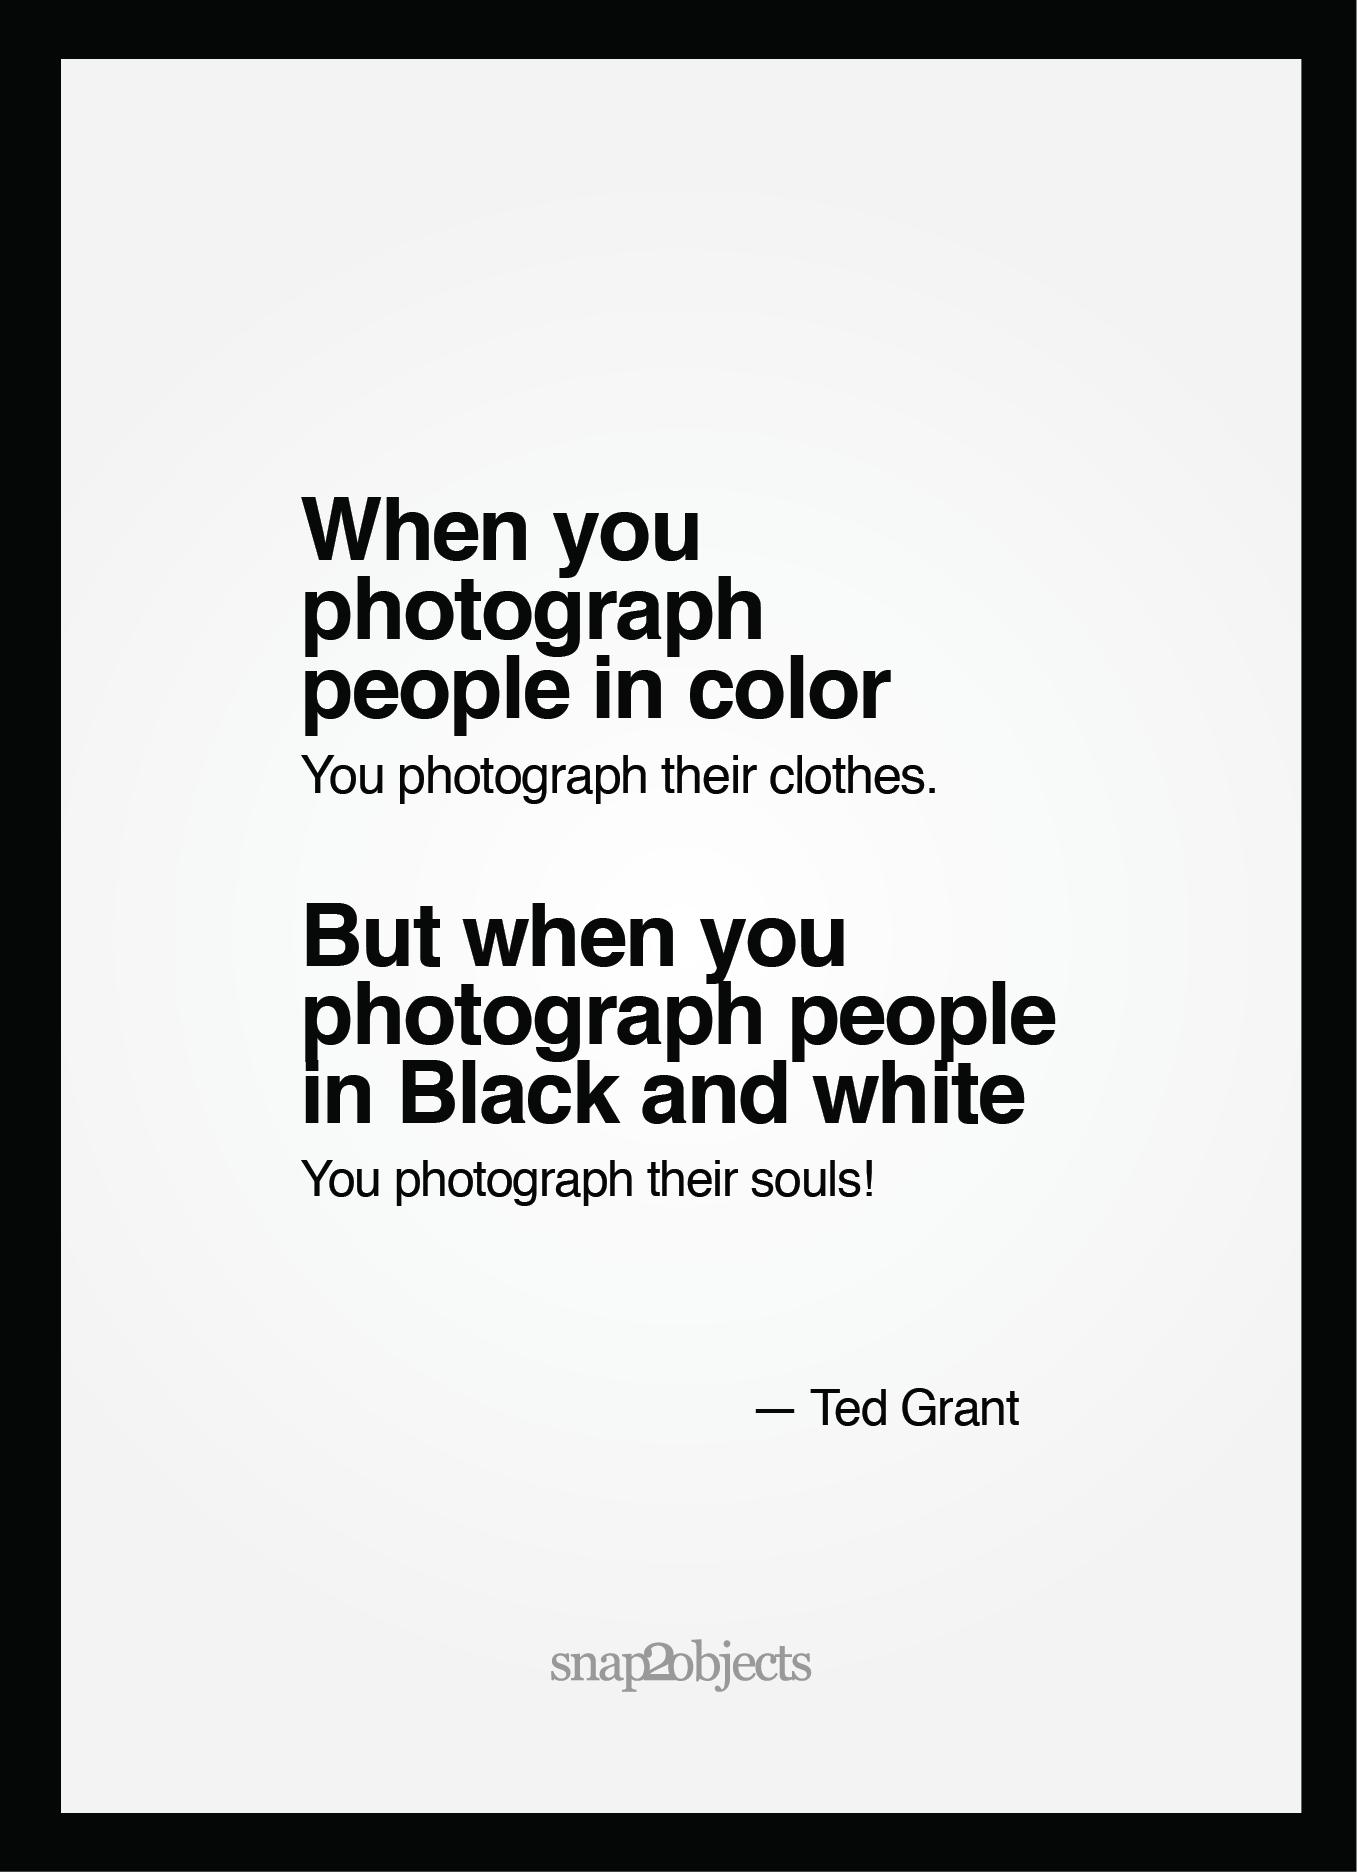 Color Vs Black And White